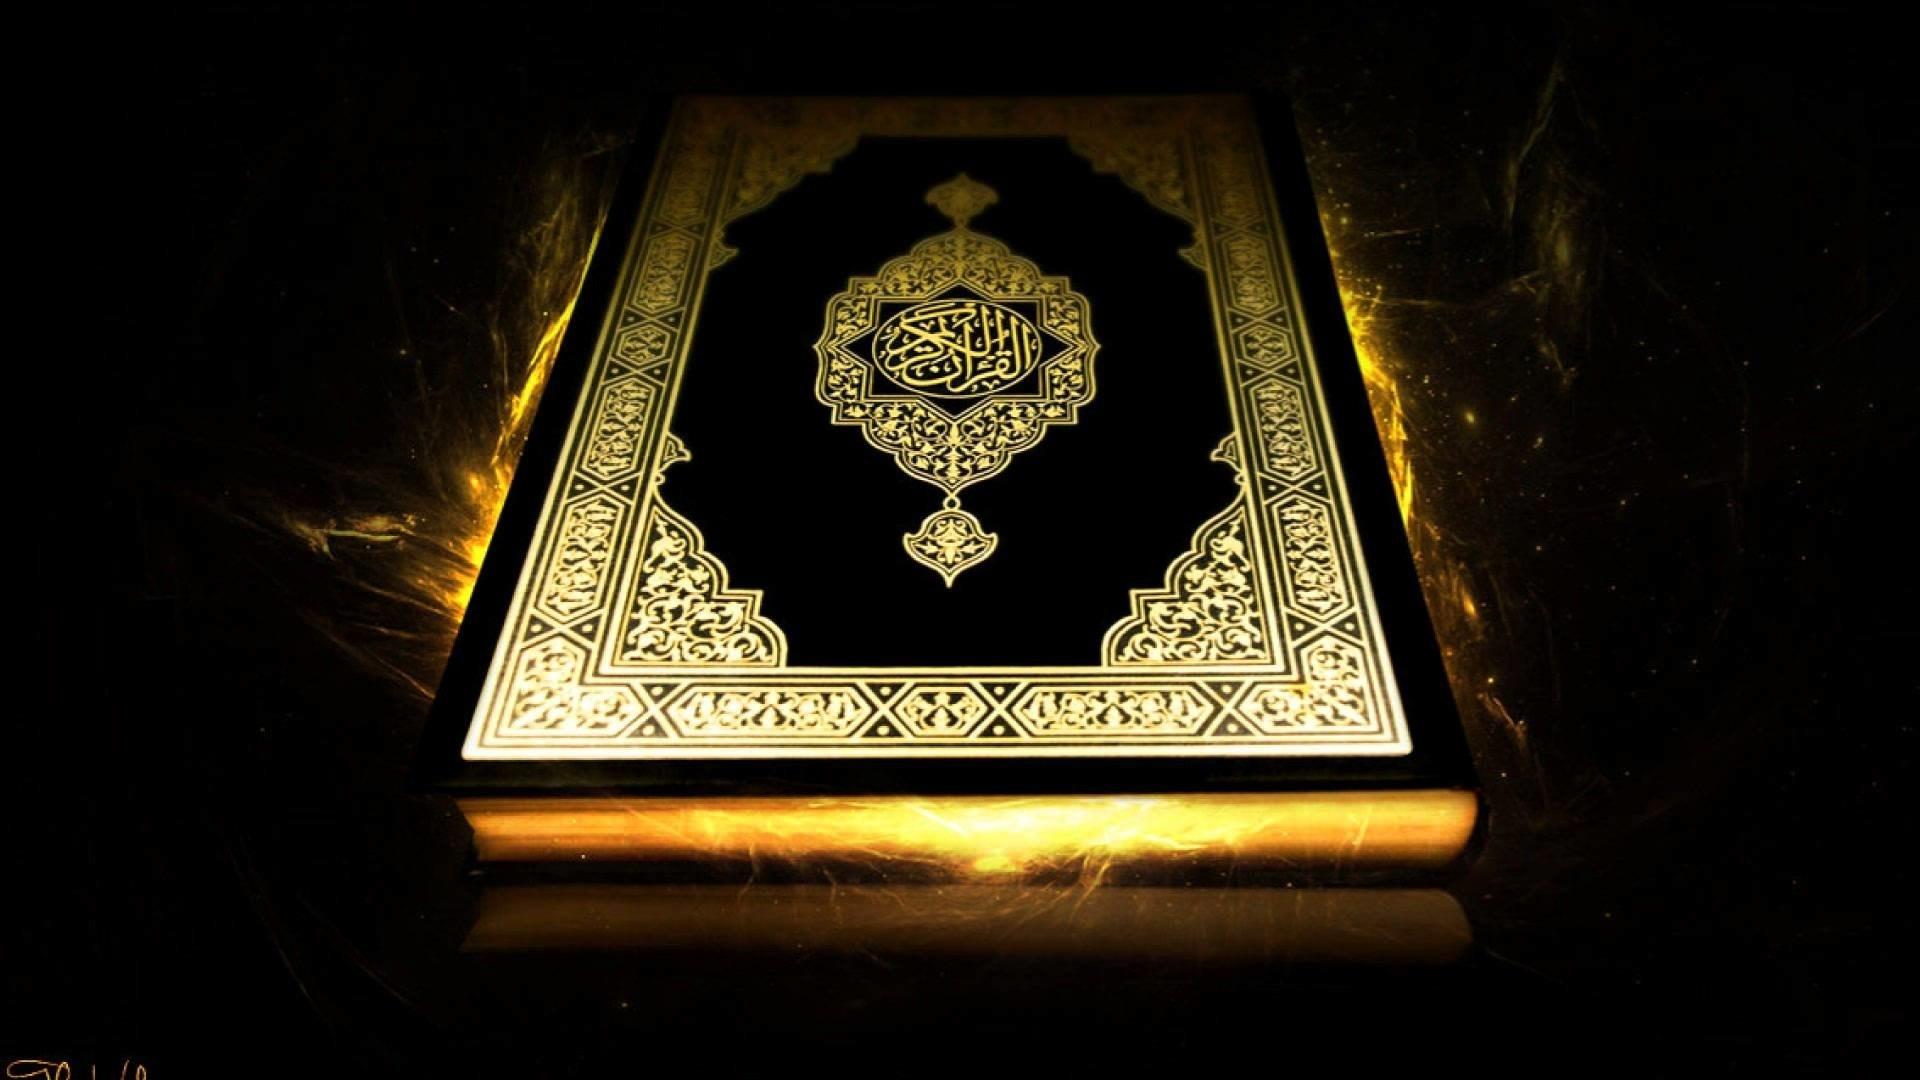 নরওয়ের মুসলিমরা অমুসলিমদের মধ্যে বিতরণ করবে ১০ হাজার কোরআন